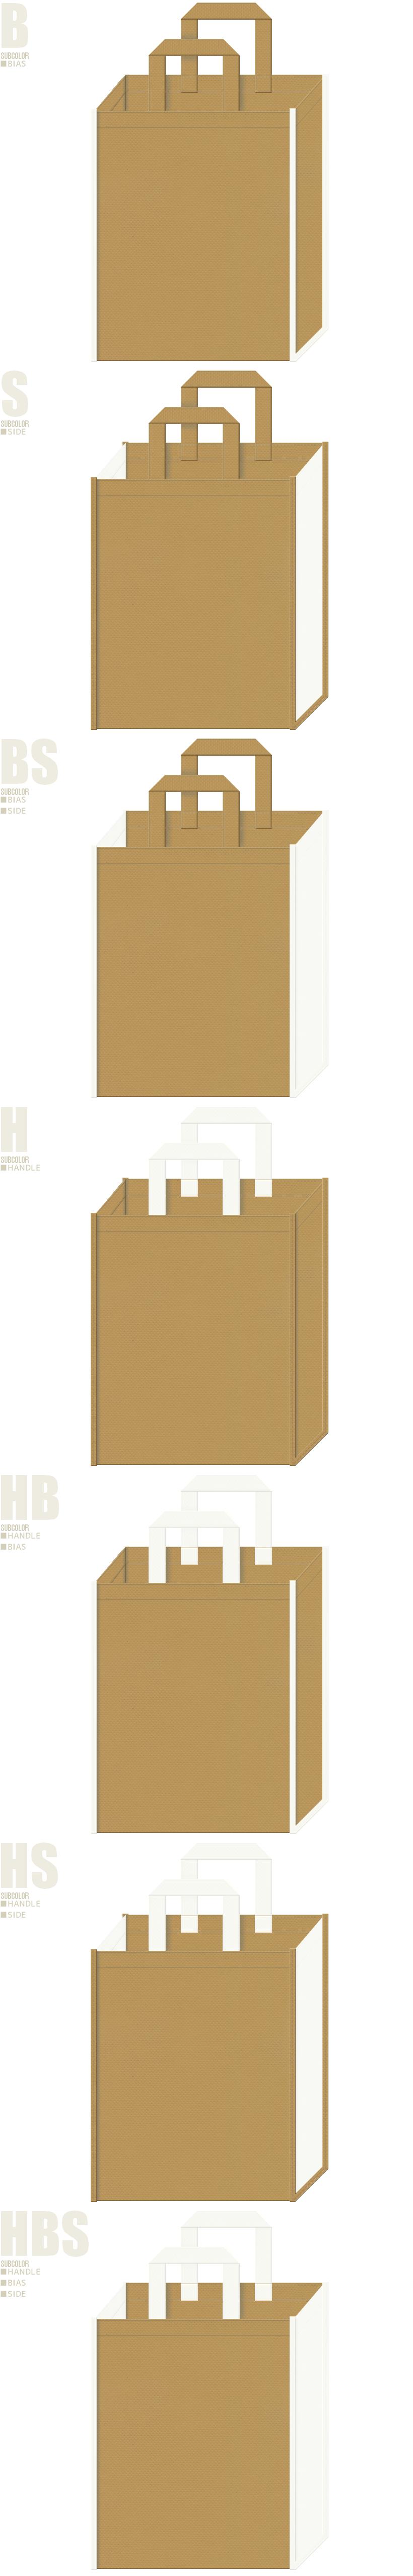 カフェオレ・コーヒーロール・餃子・シューマイ・中華饅頭・うどん・かつおだし・毛糸・セーター・秋冬ファッションの展示会用バッグにお奨めの不織布バッグデザイン:金黄土色とオフホワイト色の配色7パターン